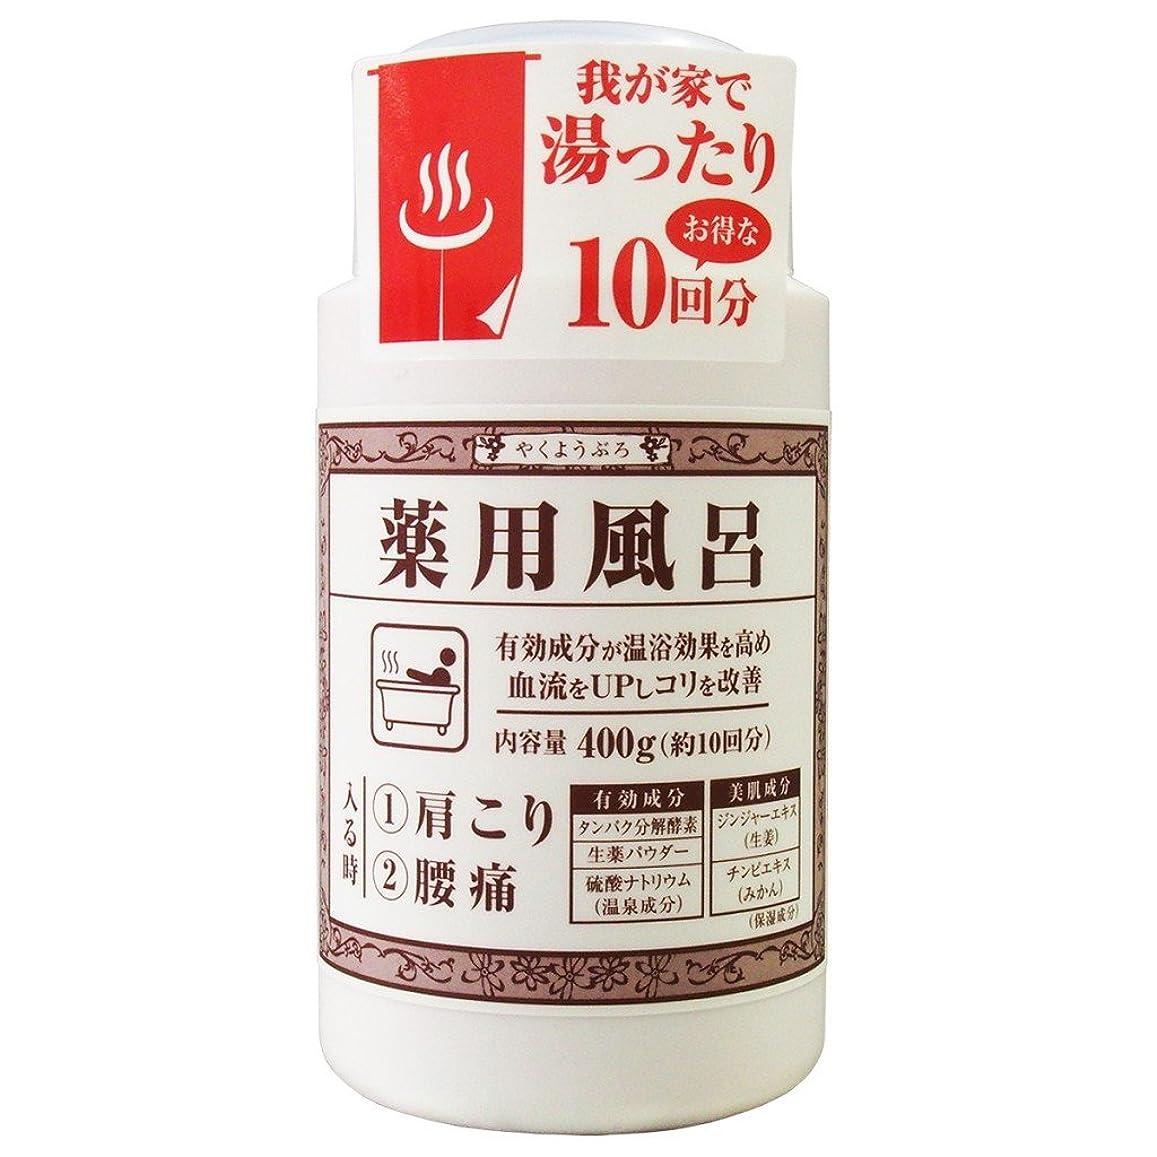 知る化石アルカトラズ島薬用風呂KKa 肩こり?腰痛 ボトル 400g(医薬部外品)